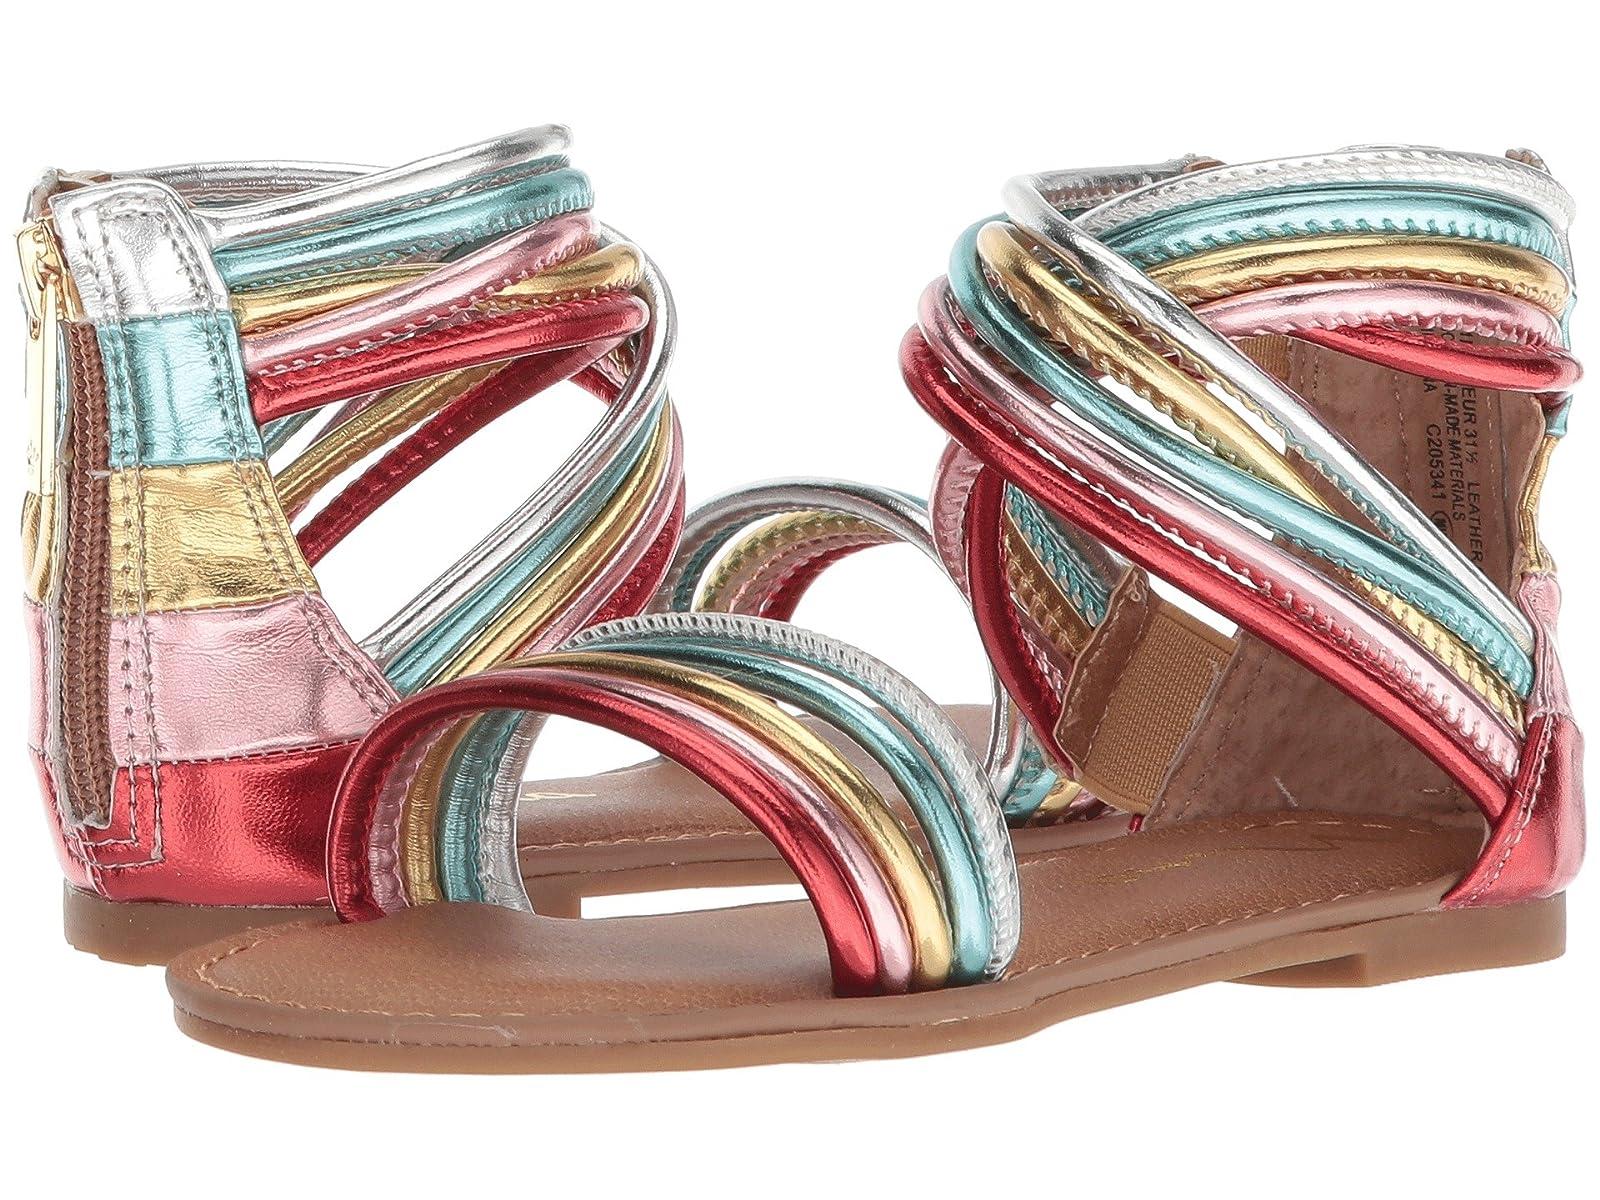 Nina Kids Roxsanne (Toddler/Little Kid/Big Kid)Atmospheric grades have affordable shoes